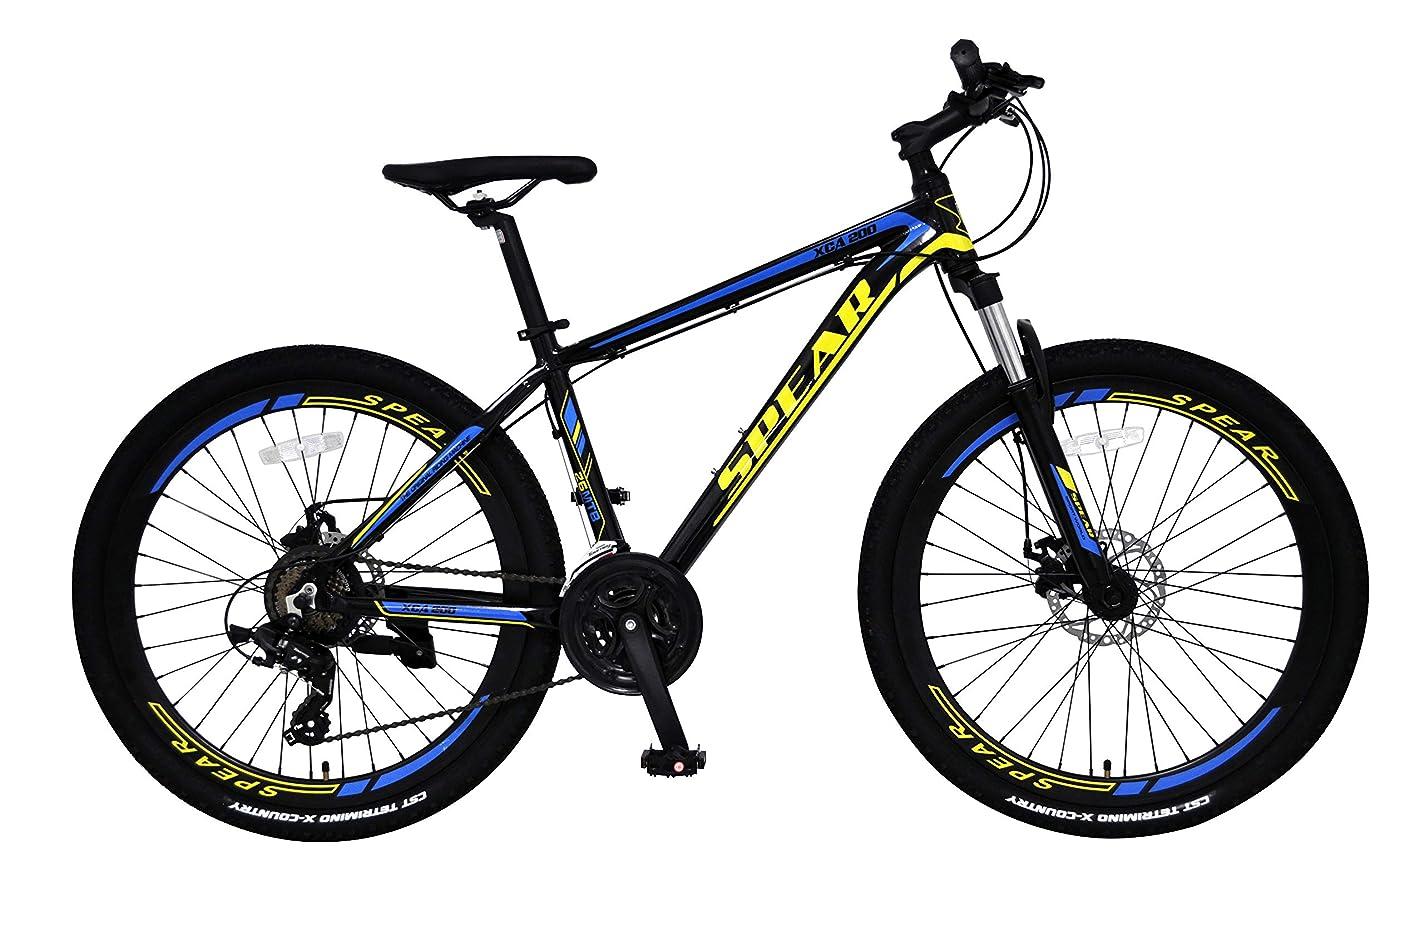 失うアイロニー頑固なSPEAR (スペア) クロスバイク 26インチ シマノ 7段製変速 SPC-267 ディレーラー Tourney(ターニー) 男性 女性 適用身長 155cm以上 1年保証付